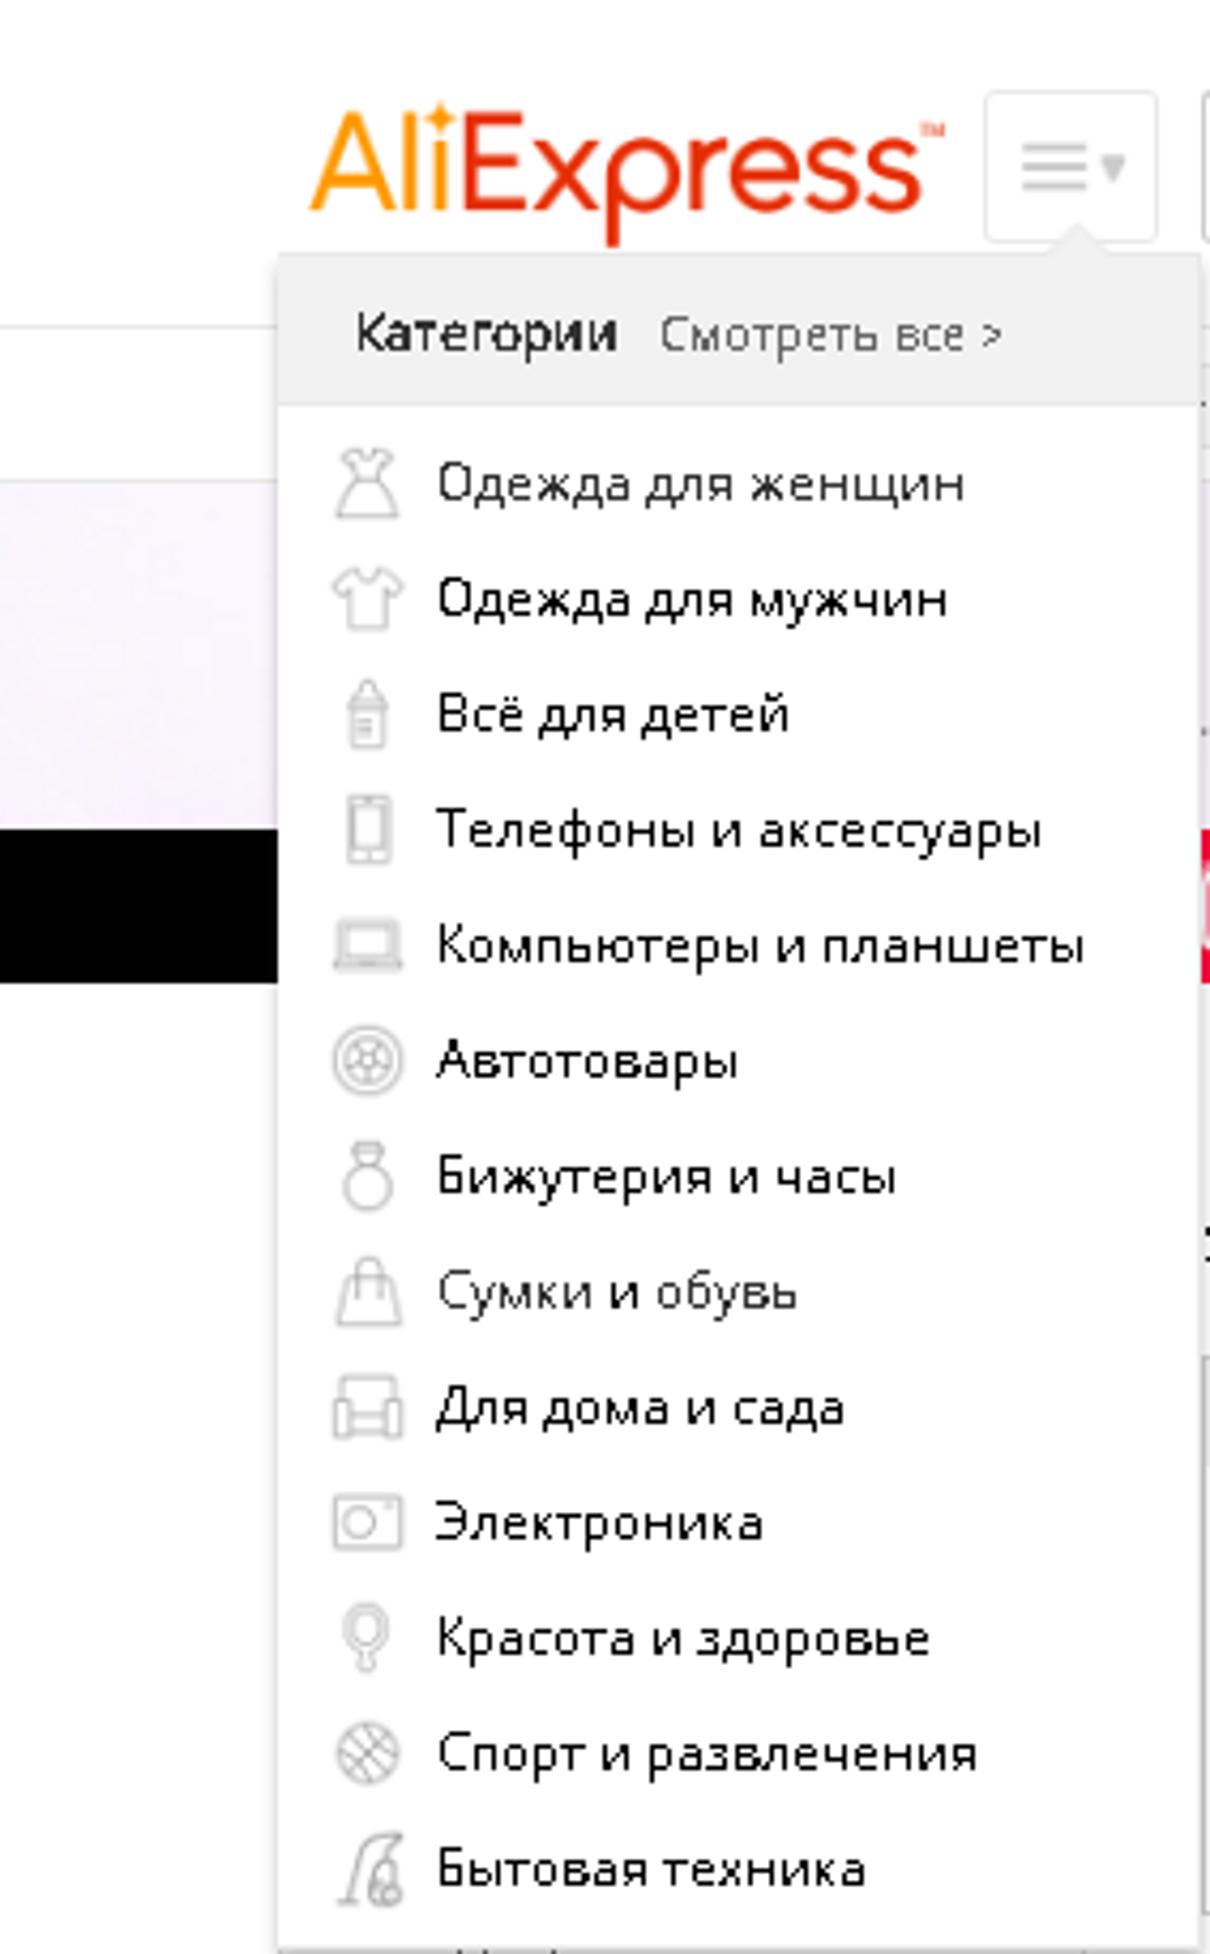 Жалоба-отзыв: Aliexpress (алиэкспресс) - Aliexpress (алиэкспресс) - в черный список! Заплатите и не получите ничего.  Фото №2